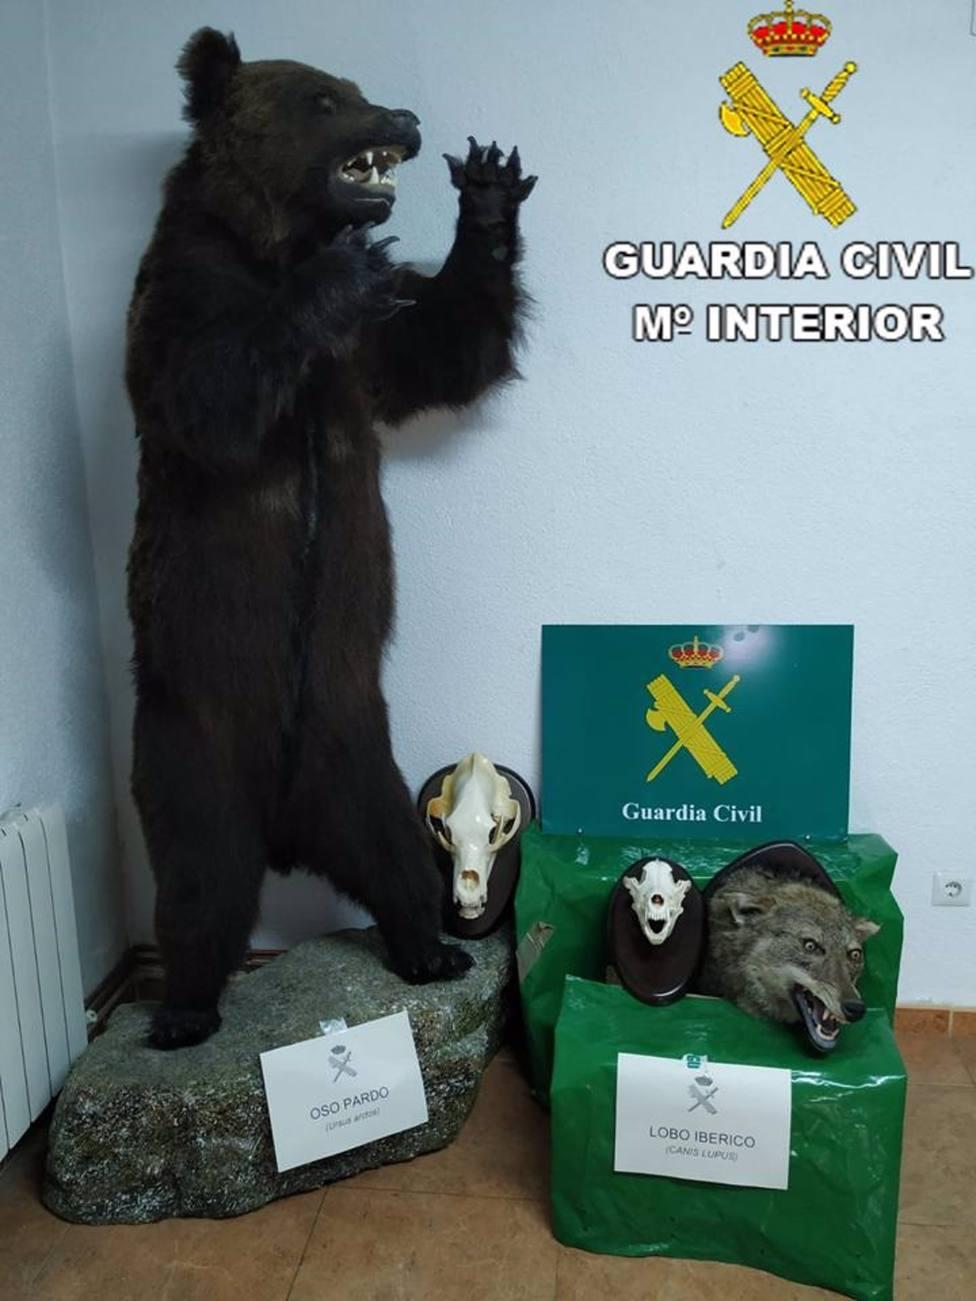 Sucesos.- Investigado en Burujón por tener en su casa un oso y una cabeza de lobo disecados y no acreditar su origen